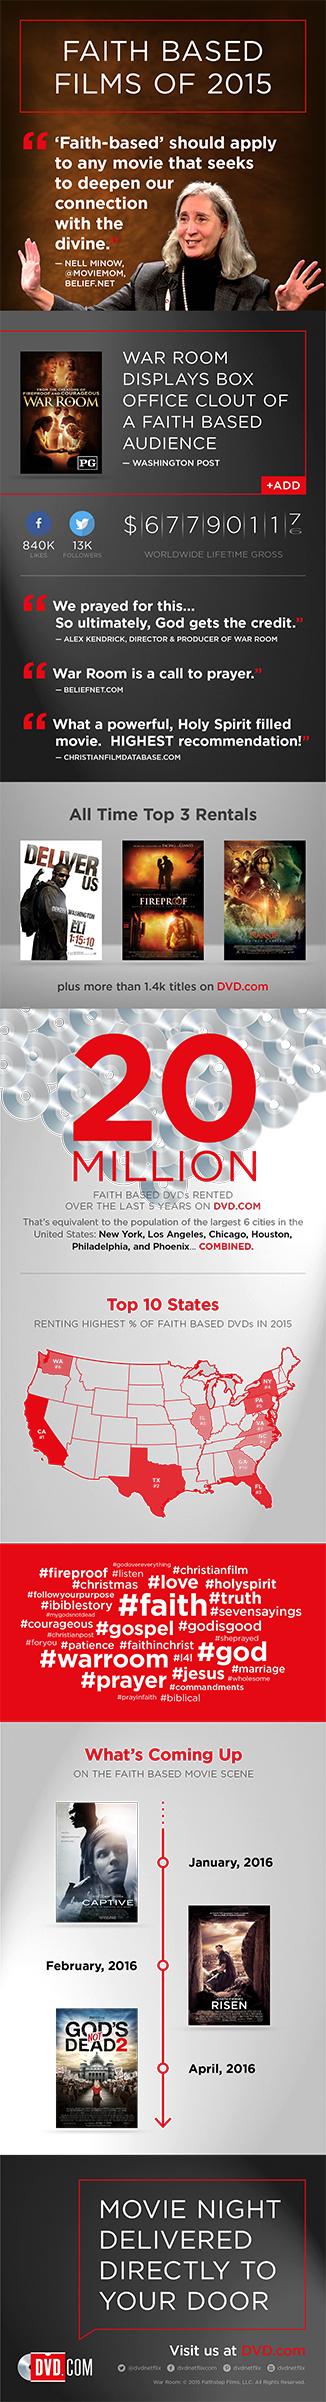 Faith Based Movie Data 2015 Netflix DVD